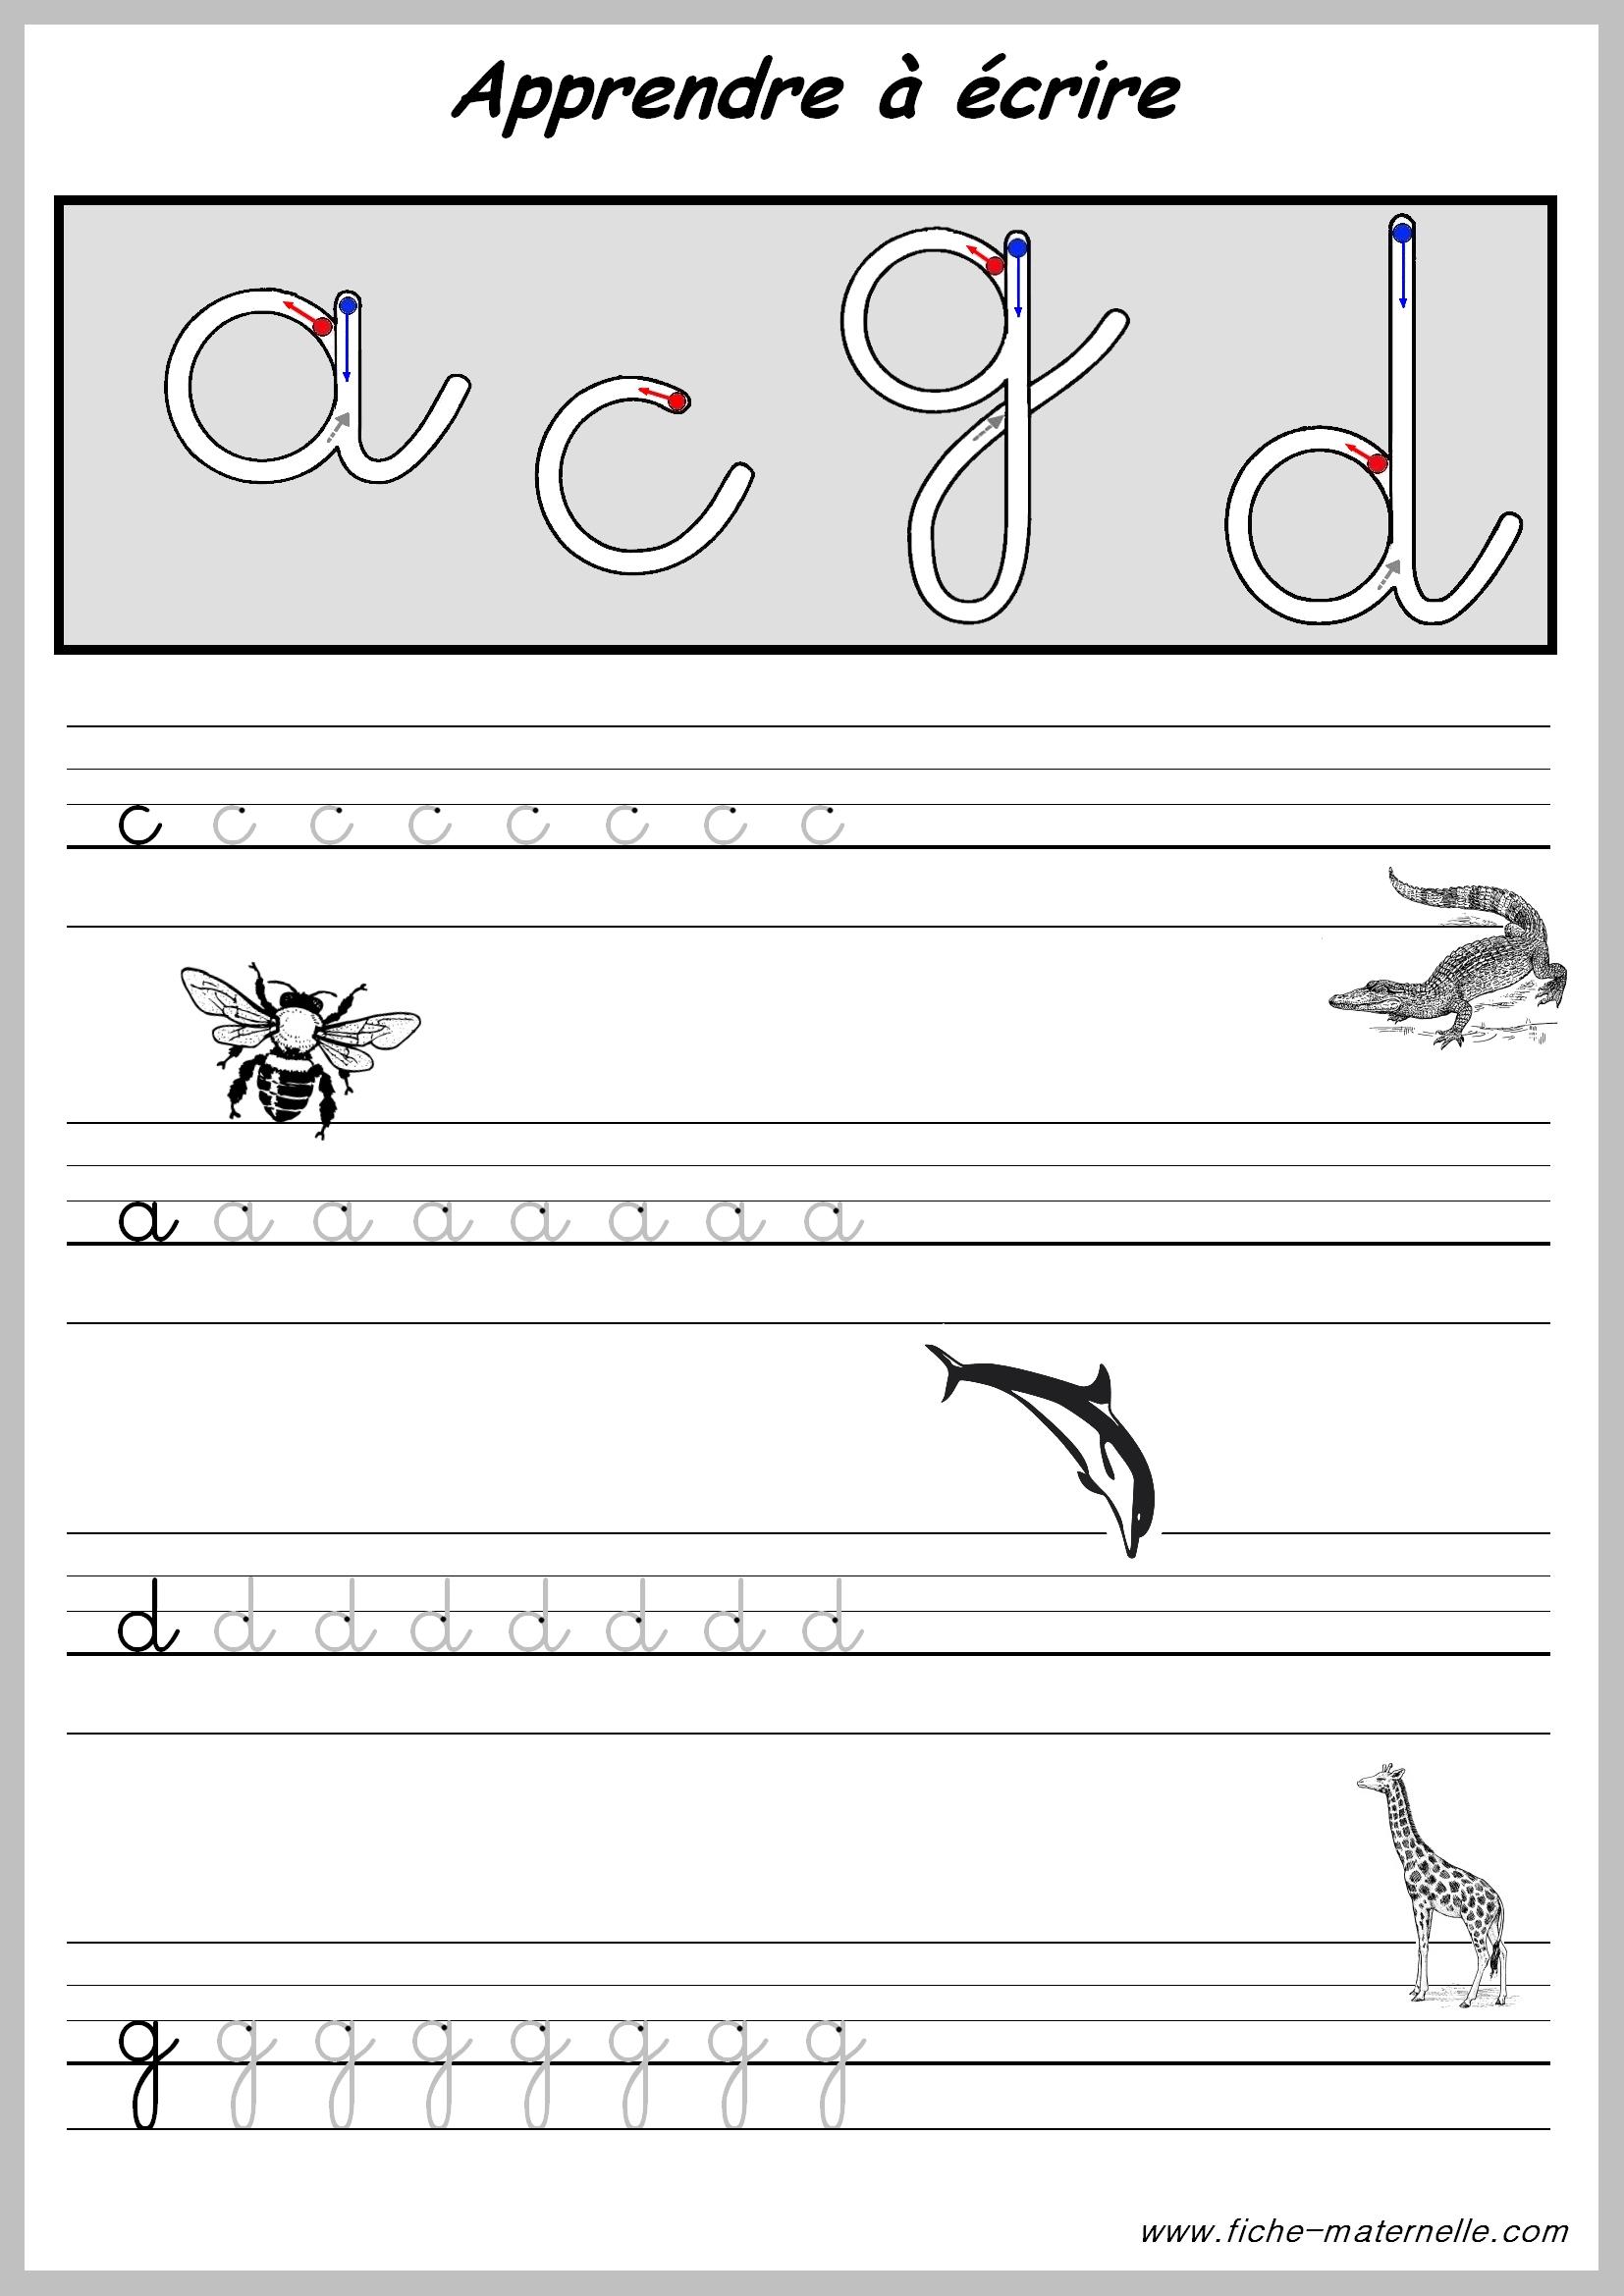 Exercices Pour Apprendre A Ecrire. avec Exercice D Alphabet En Maternelle